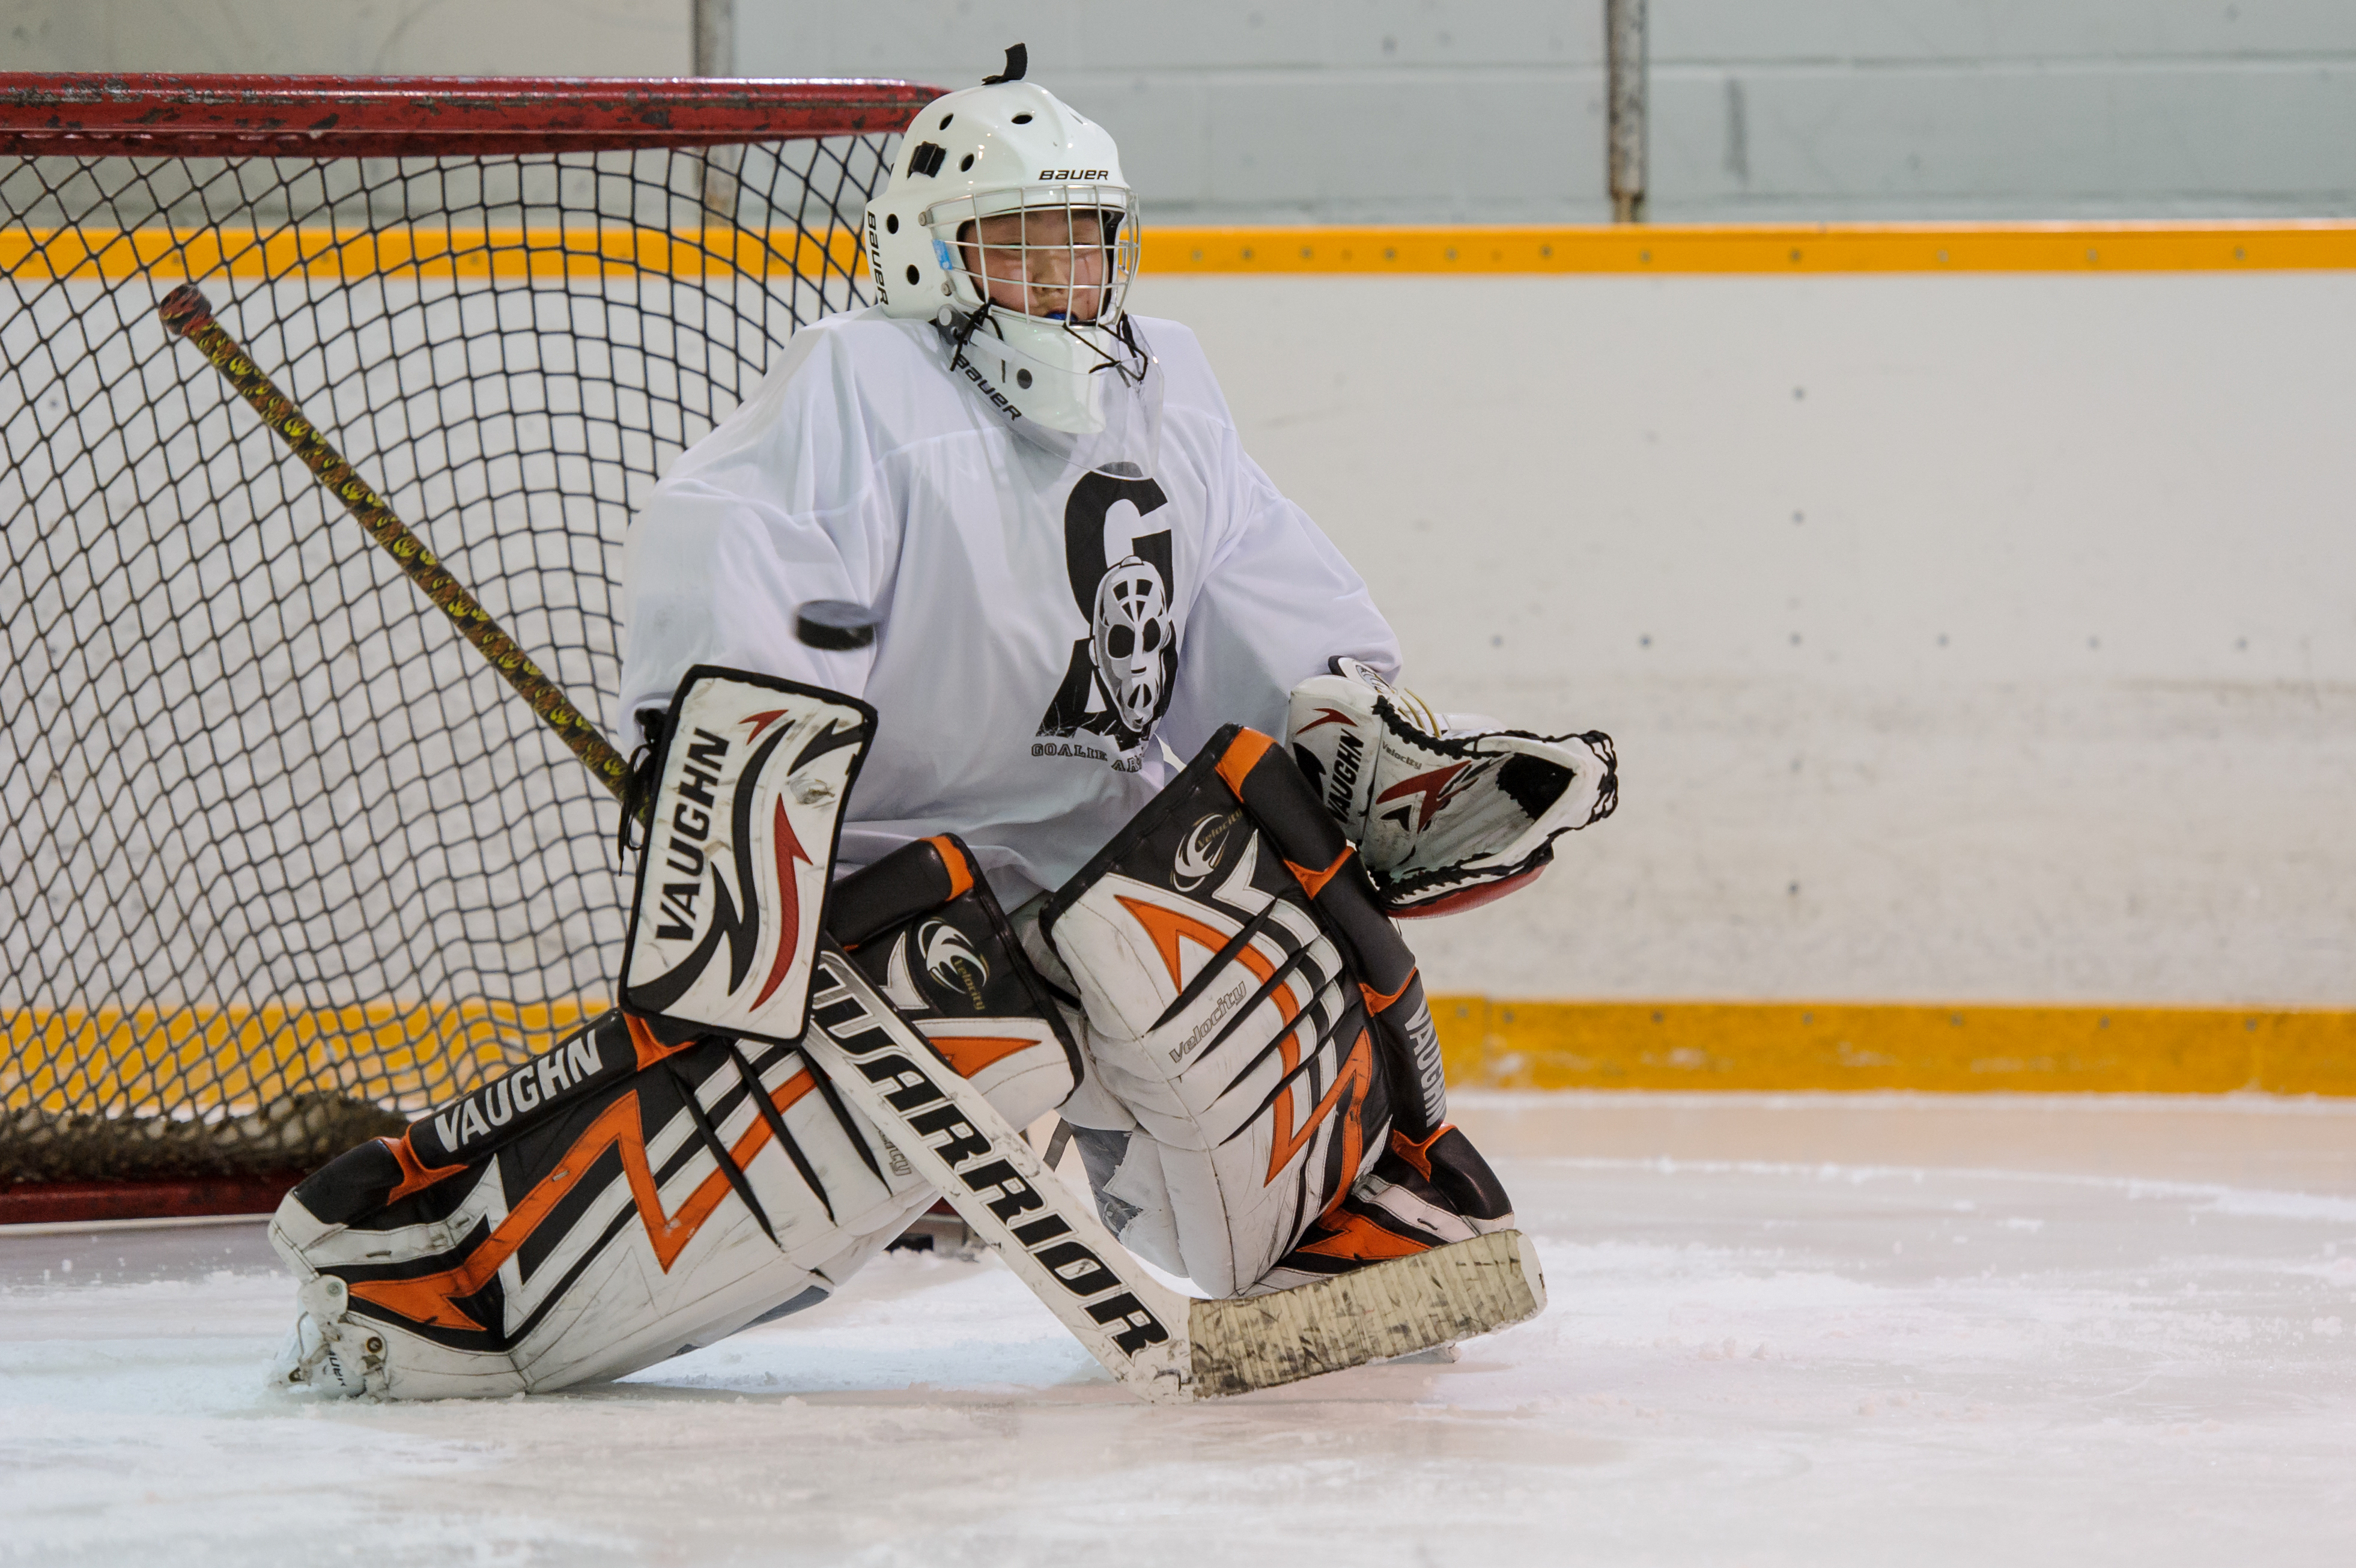 goalie army academy our goalie clinics and programs work